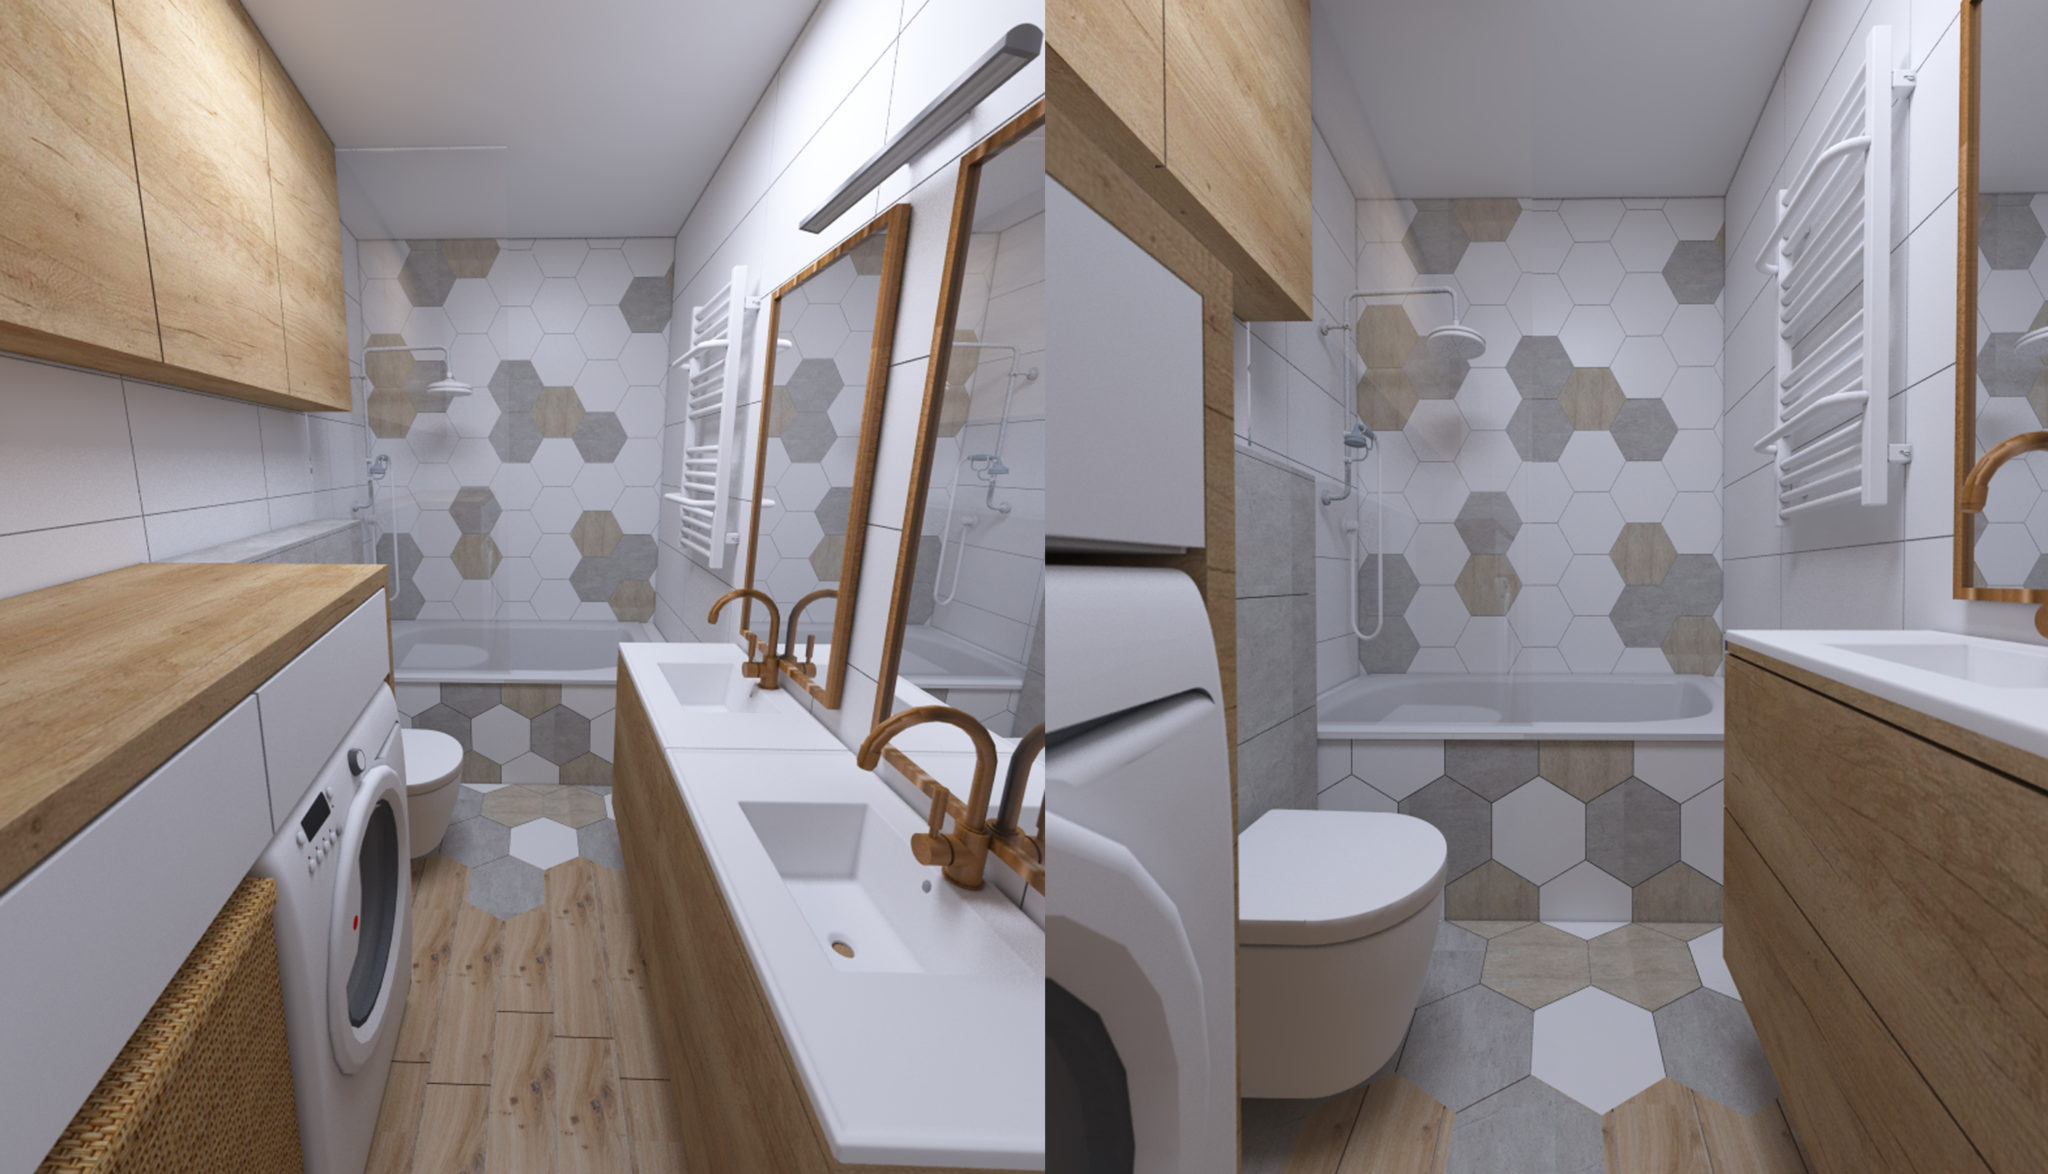 łazienka z heksagonami